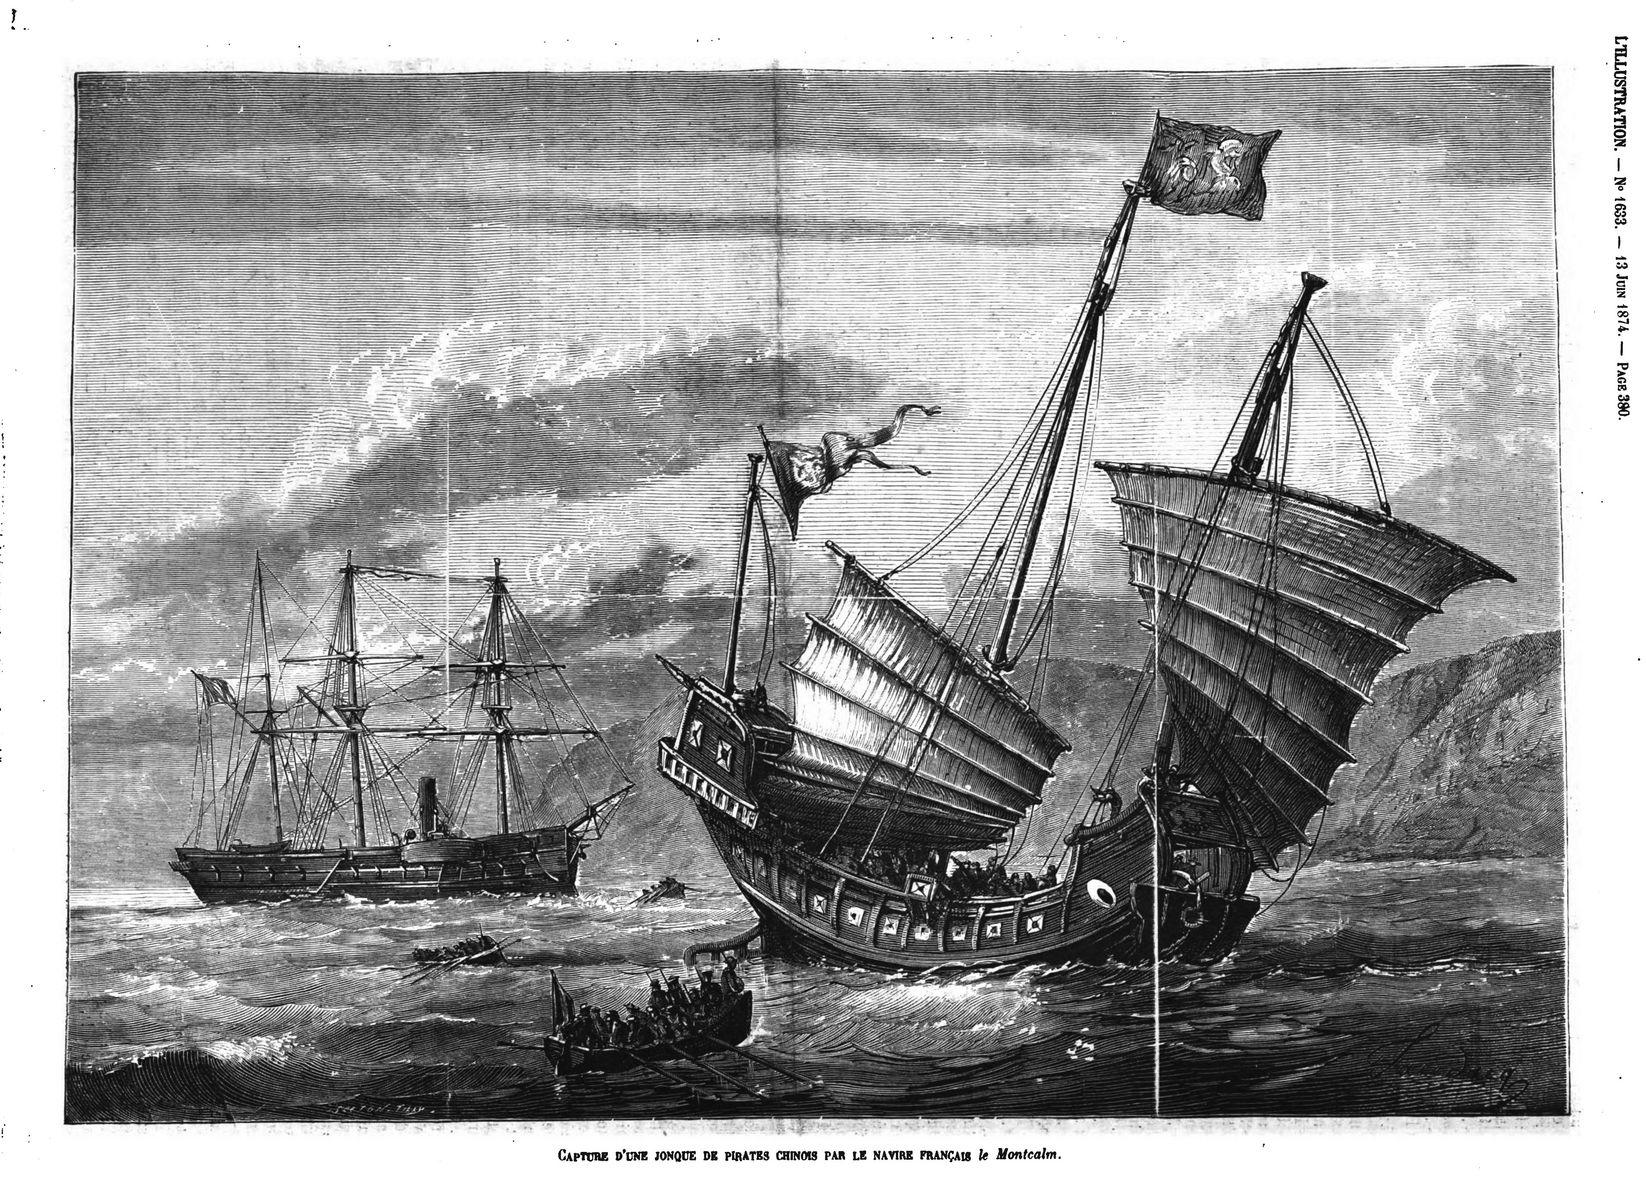 Capture d'une jonque de pirates chinois par le navire français le Montcalm;